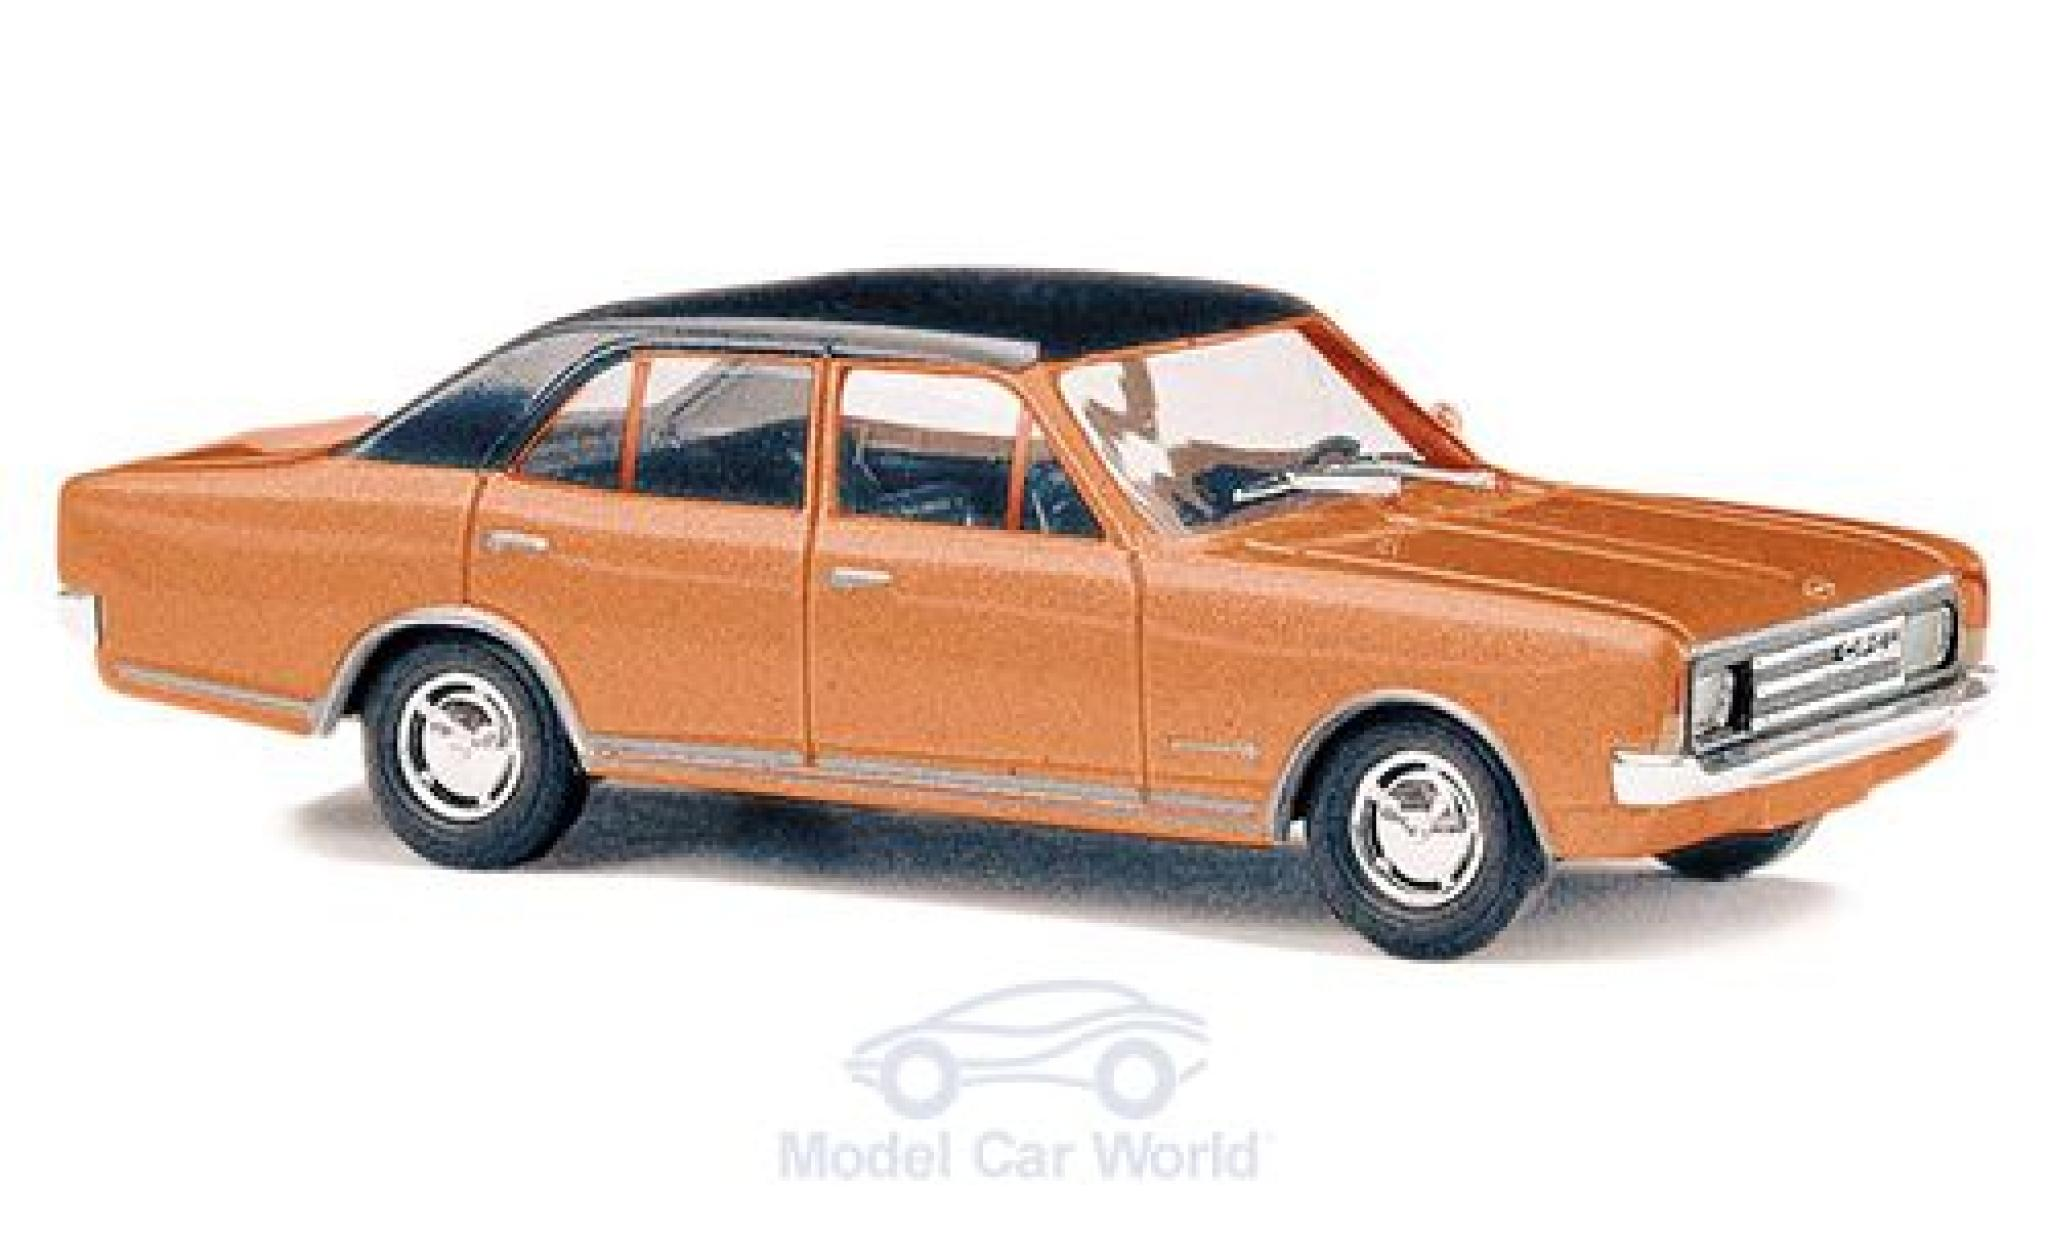 Opel Rekord 1/87 Busch C kupfer/noire 1966